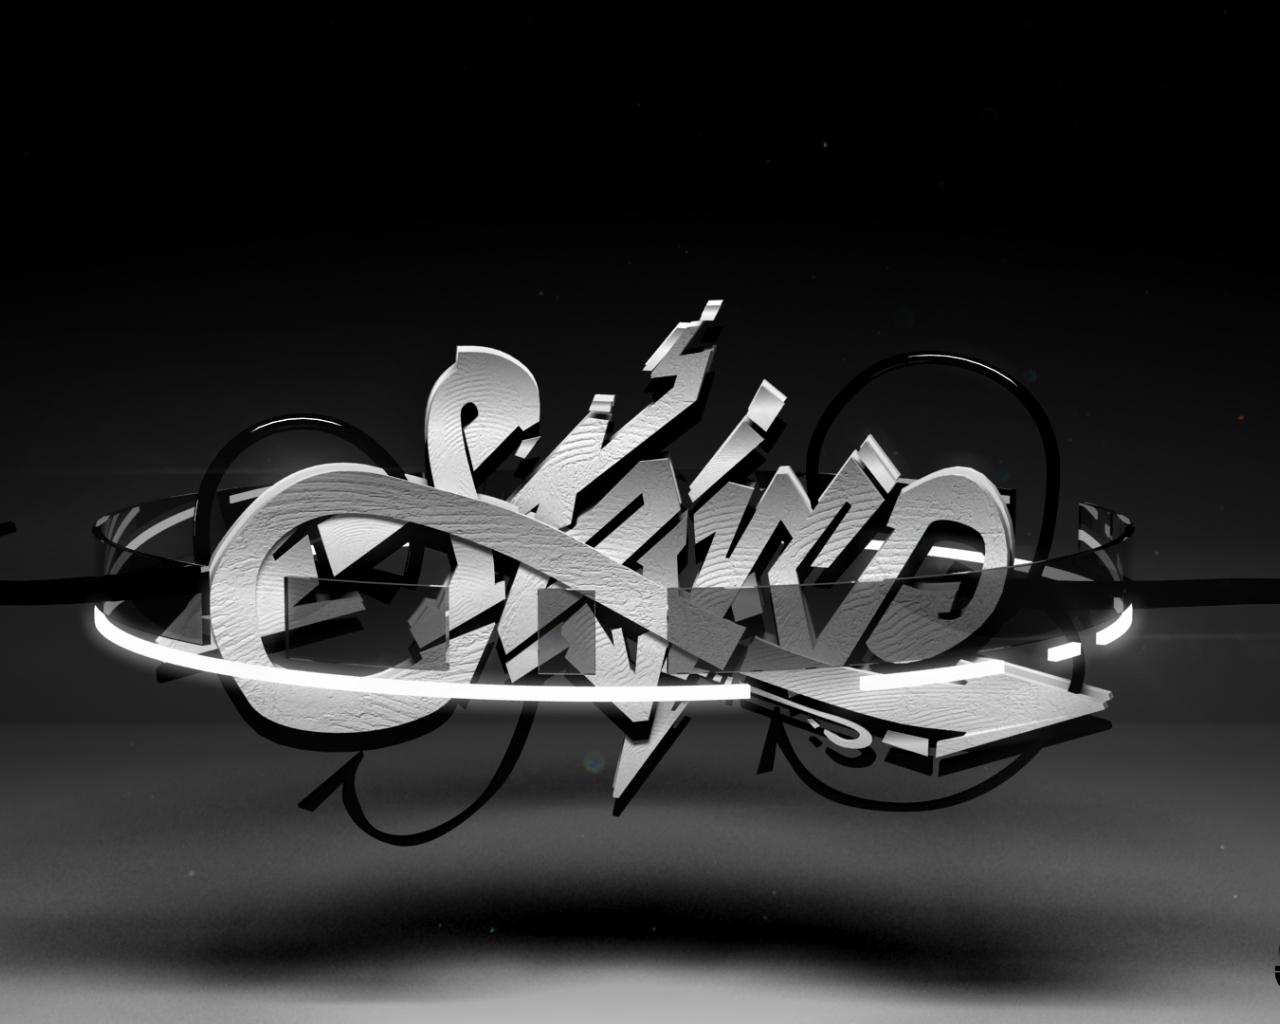 Free Graffiti Graffiti 3d Graffiti Creator Graffiti